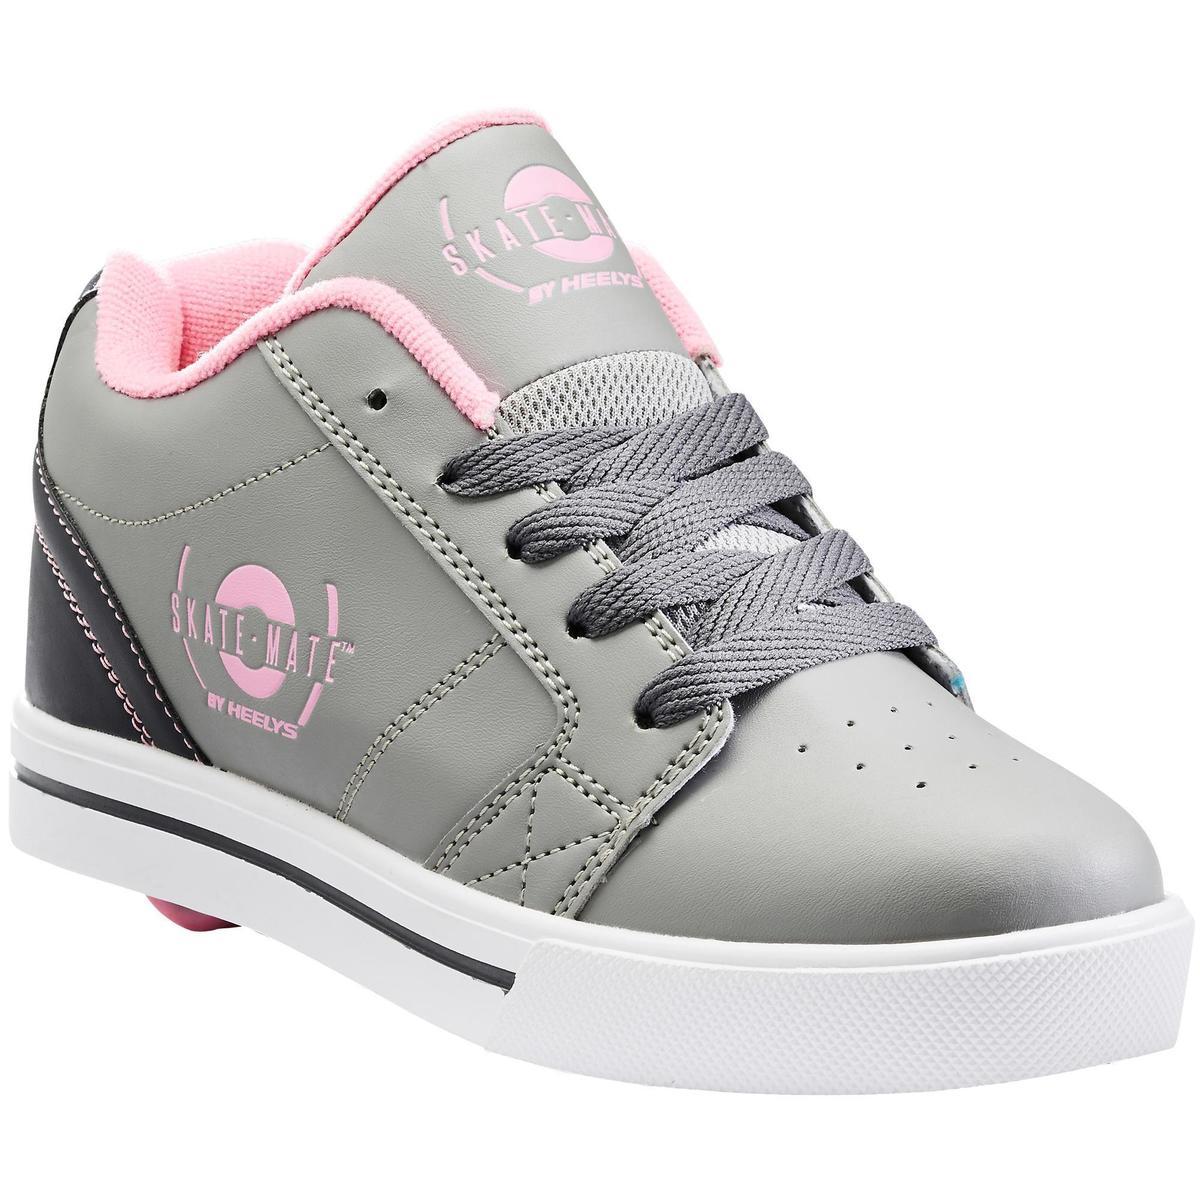 Bild 1 von Heelys Skate-Mate Mädchen grau/pink